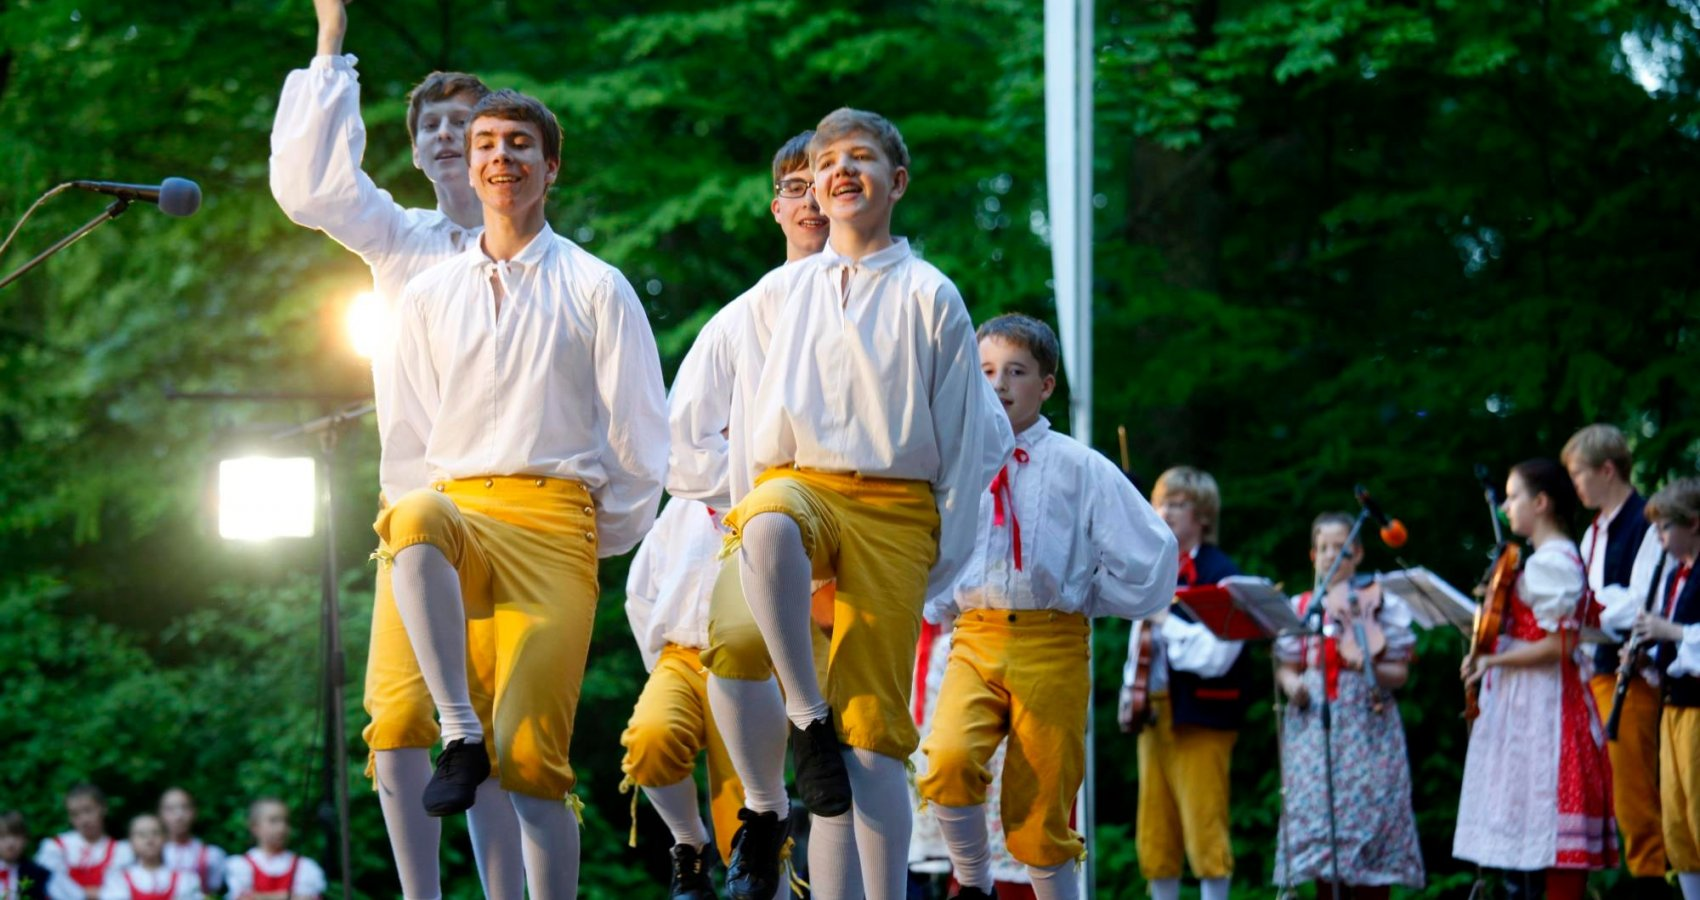 Mezinárodní folklorní festival CIOFF